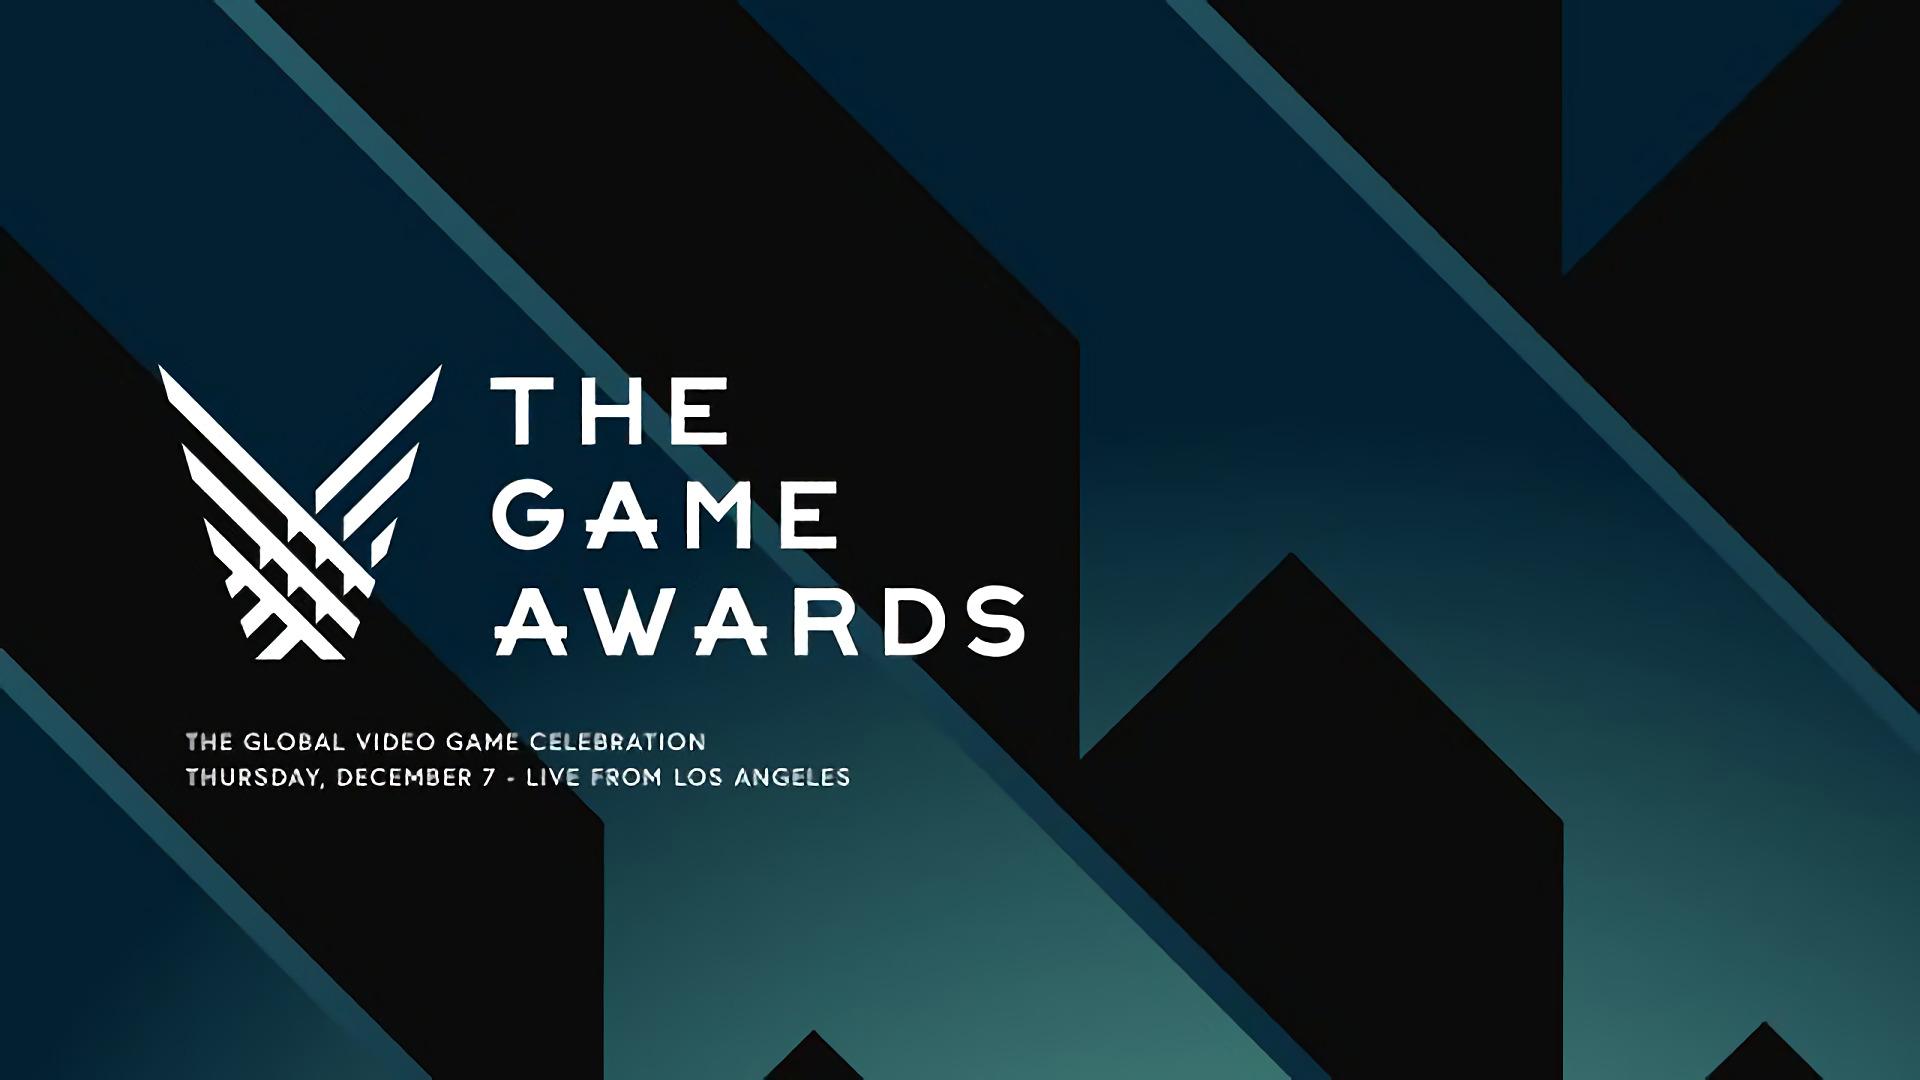 Danh sách đề cử cho giải The Game Awards 2017 được công bố - Tin Game